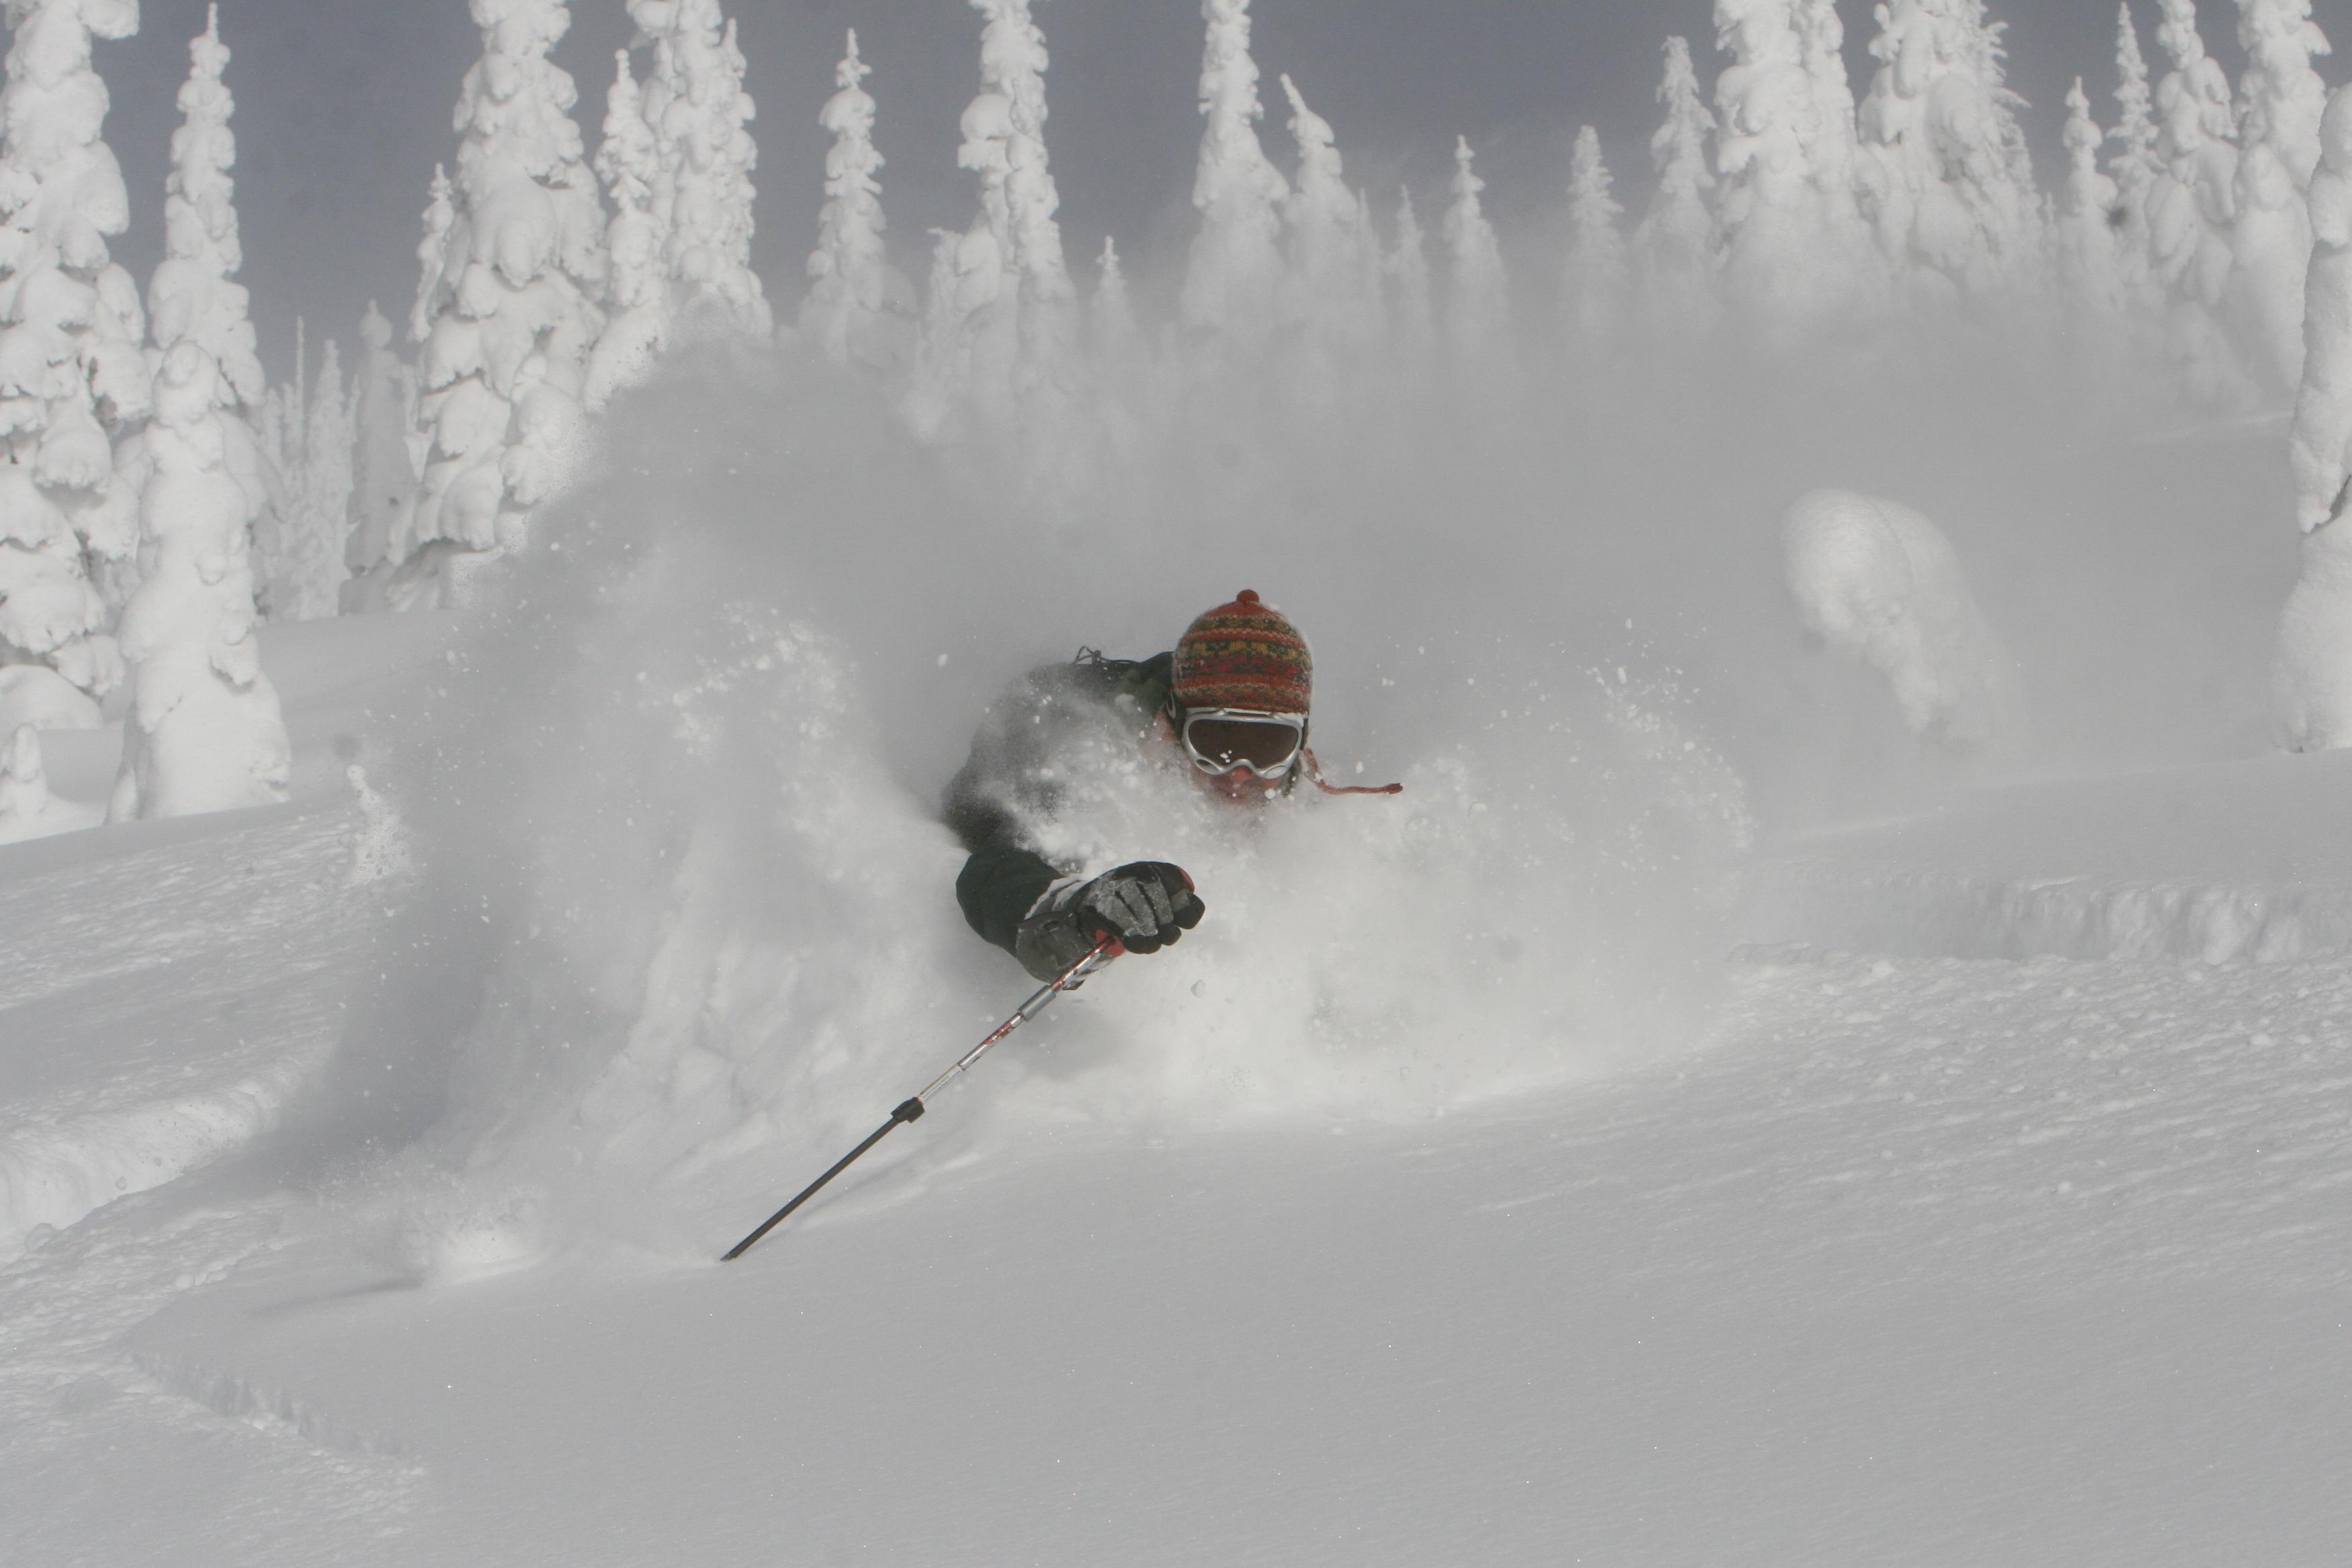 heli-skiing Canada la nina, deep heliskiing powder